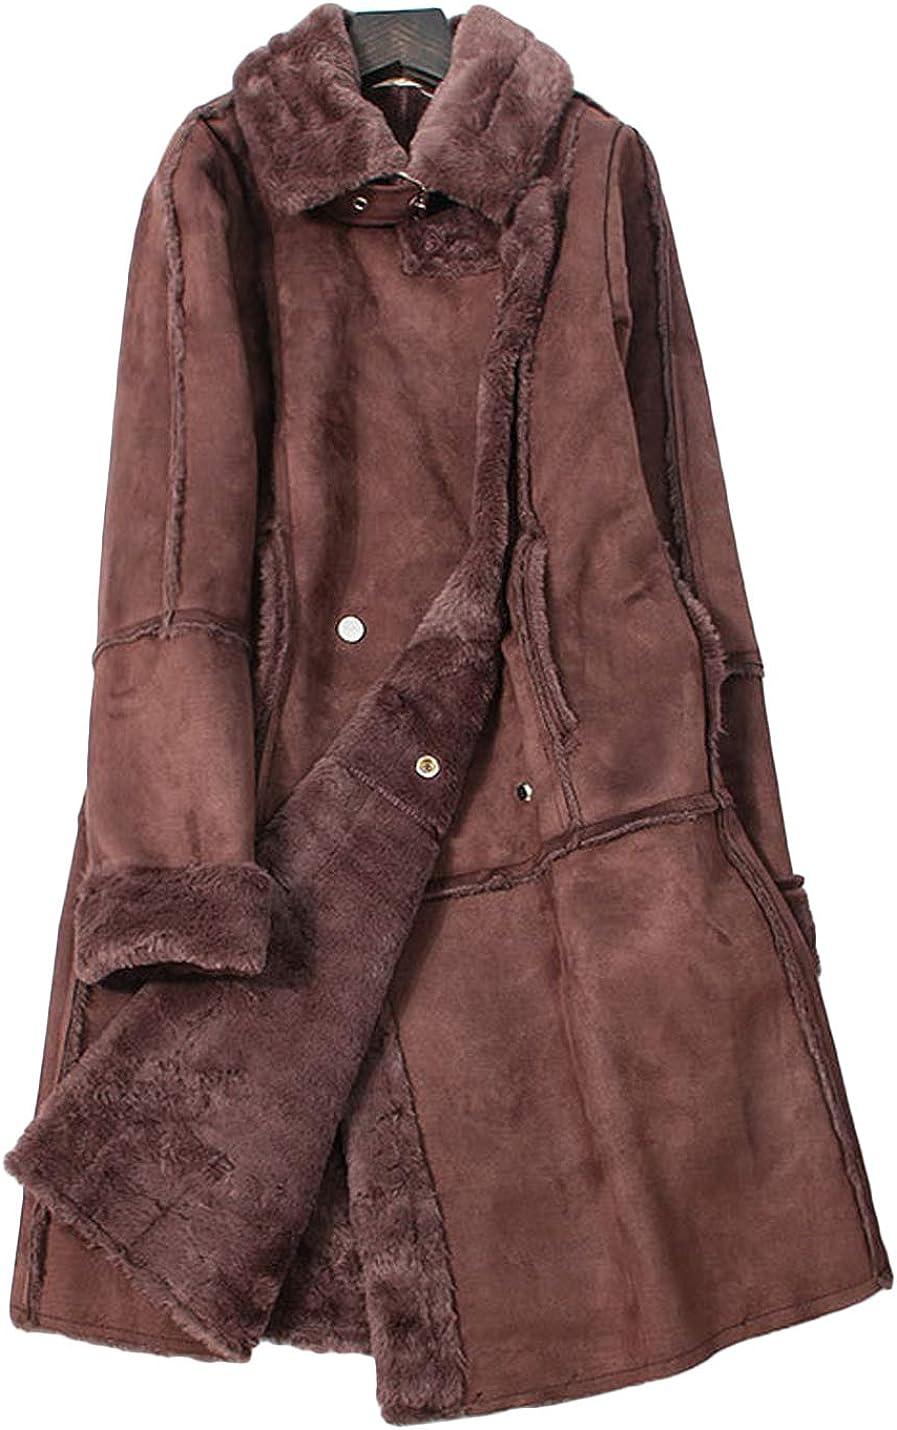 Jenkoon Womens Soft Lapel Fleece Lined Fur Overcoat Double Breasted Long Jacket Coats Outwear